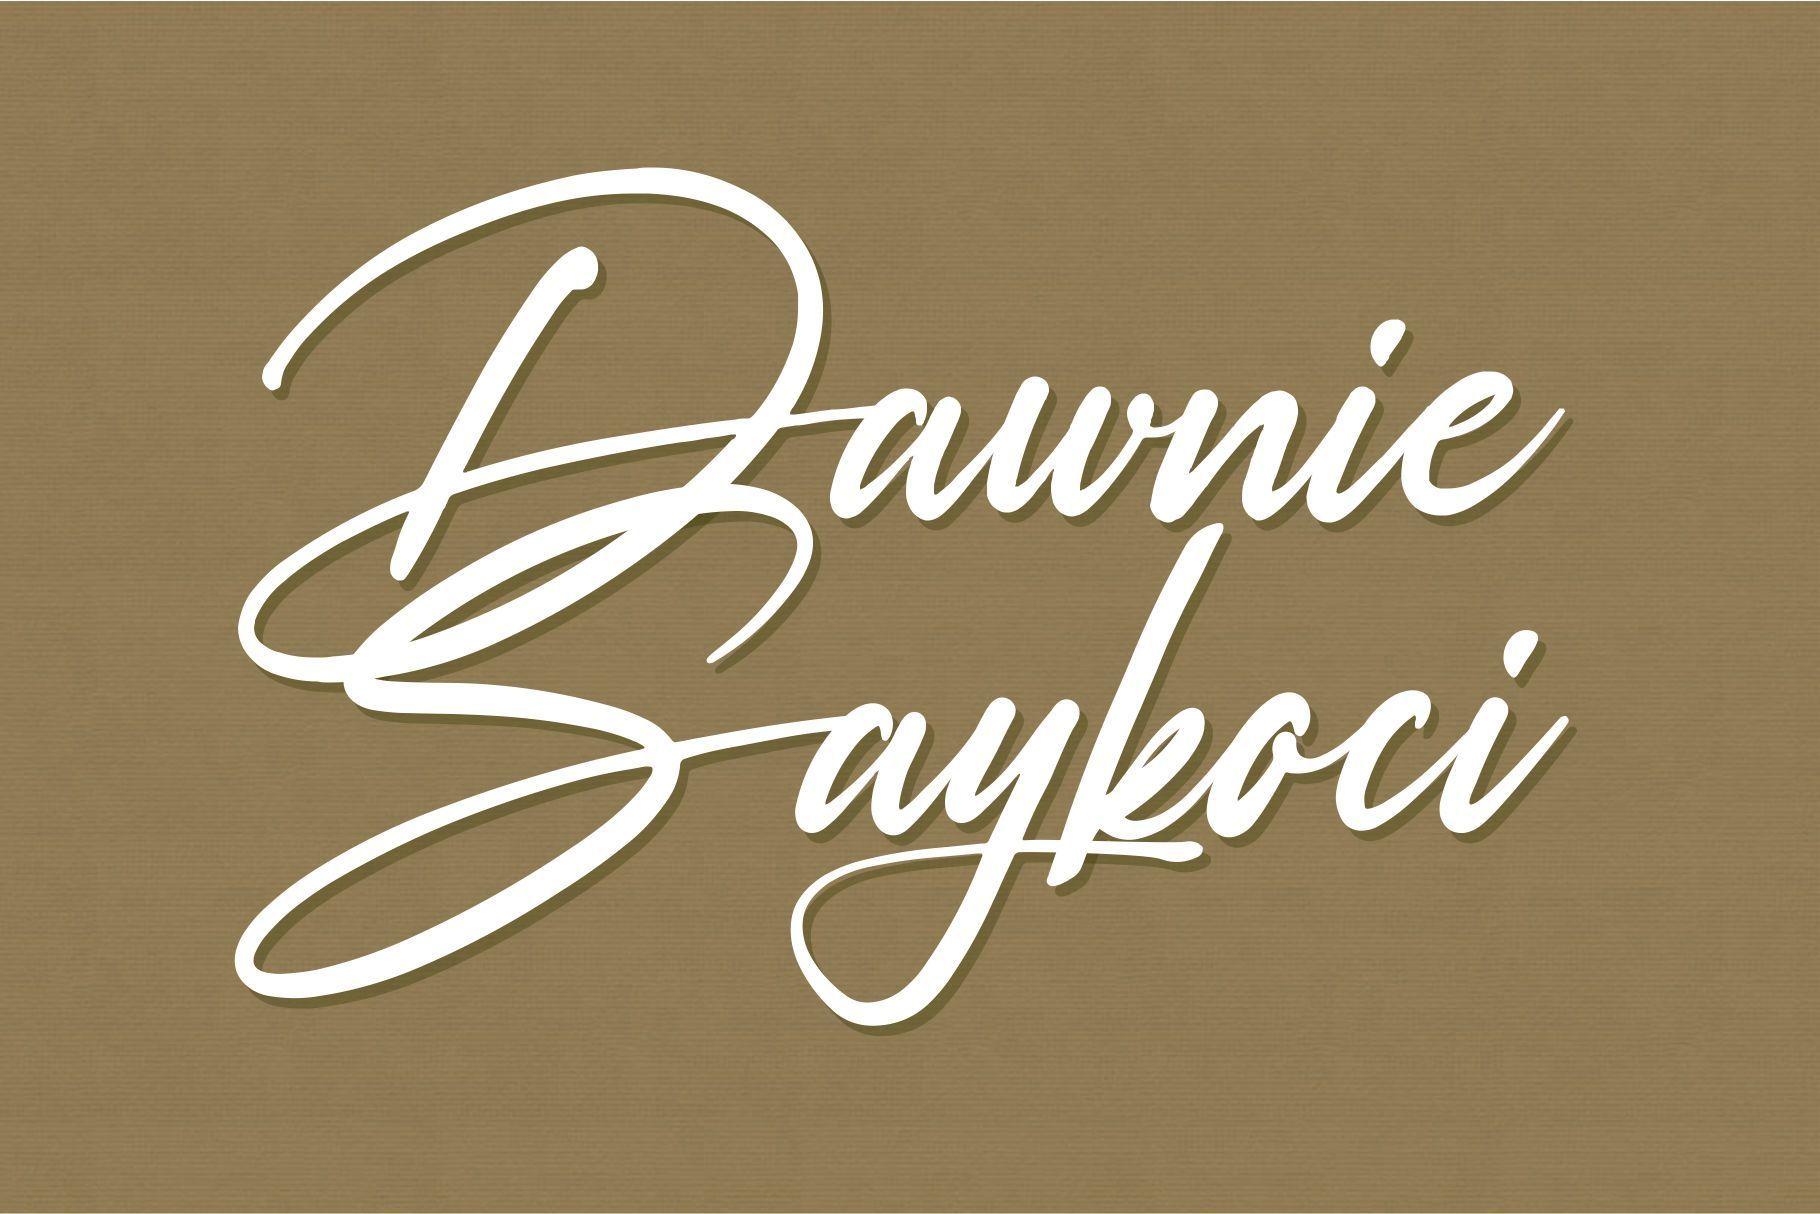 Rosellinda-Alyamore-Signature-Font-2